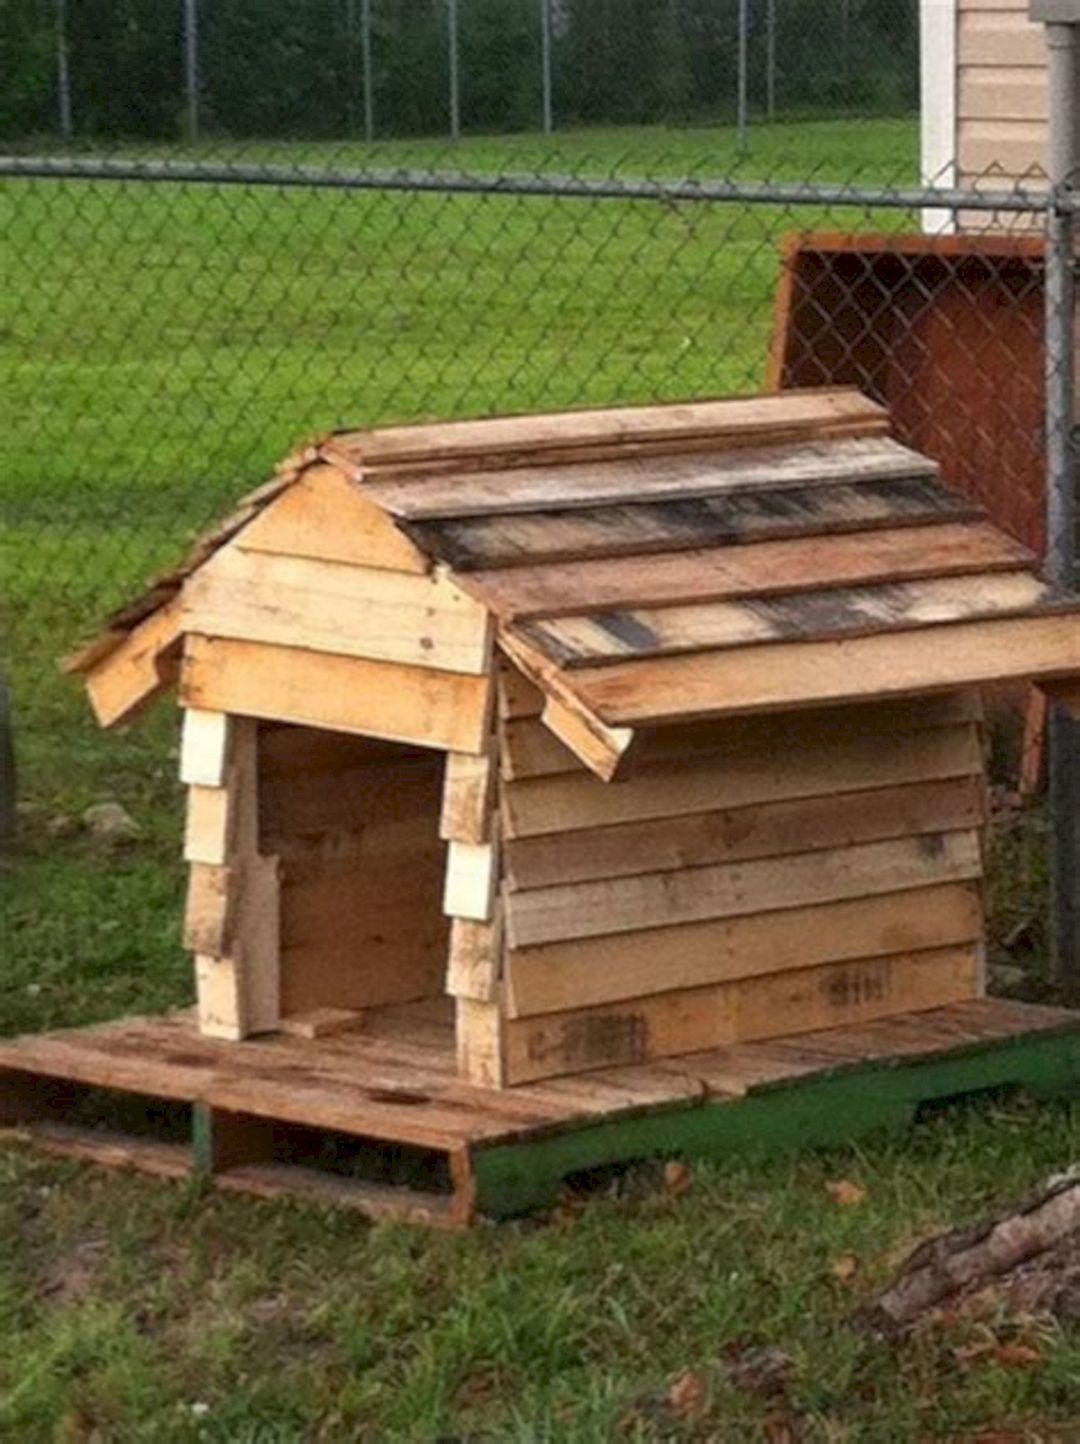 Dog House Plans Dog House Insulated Dog House Large Dog House